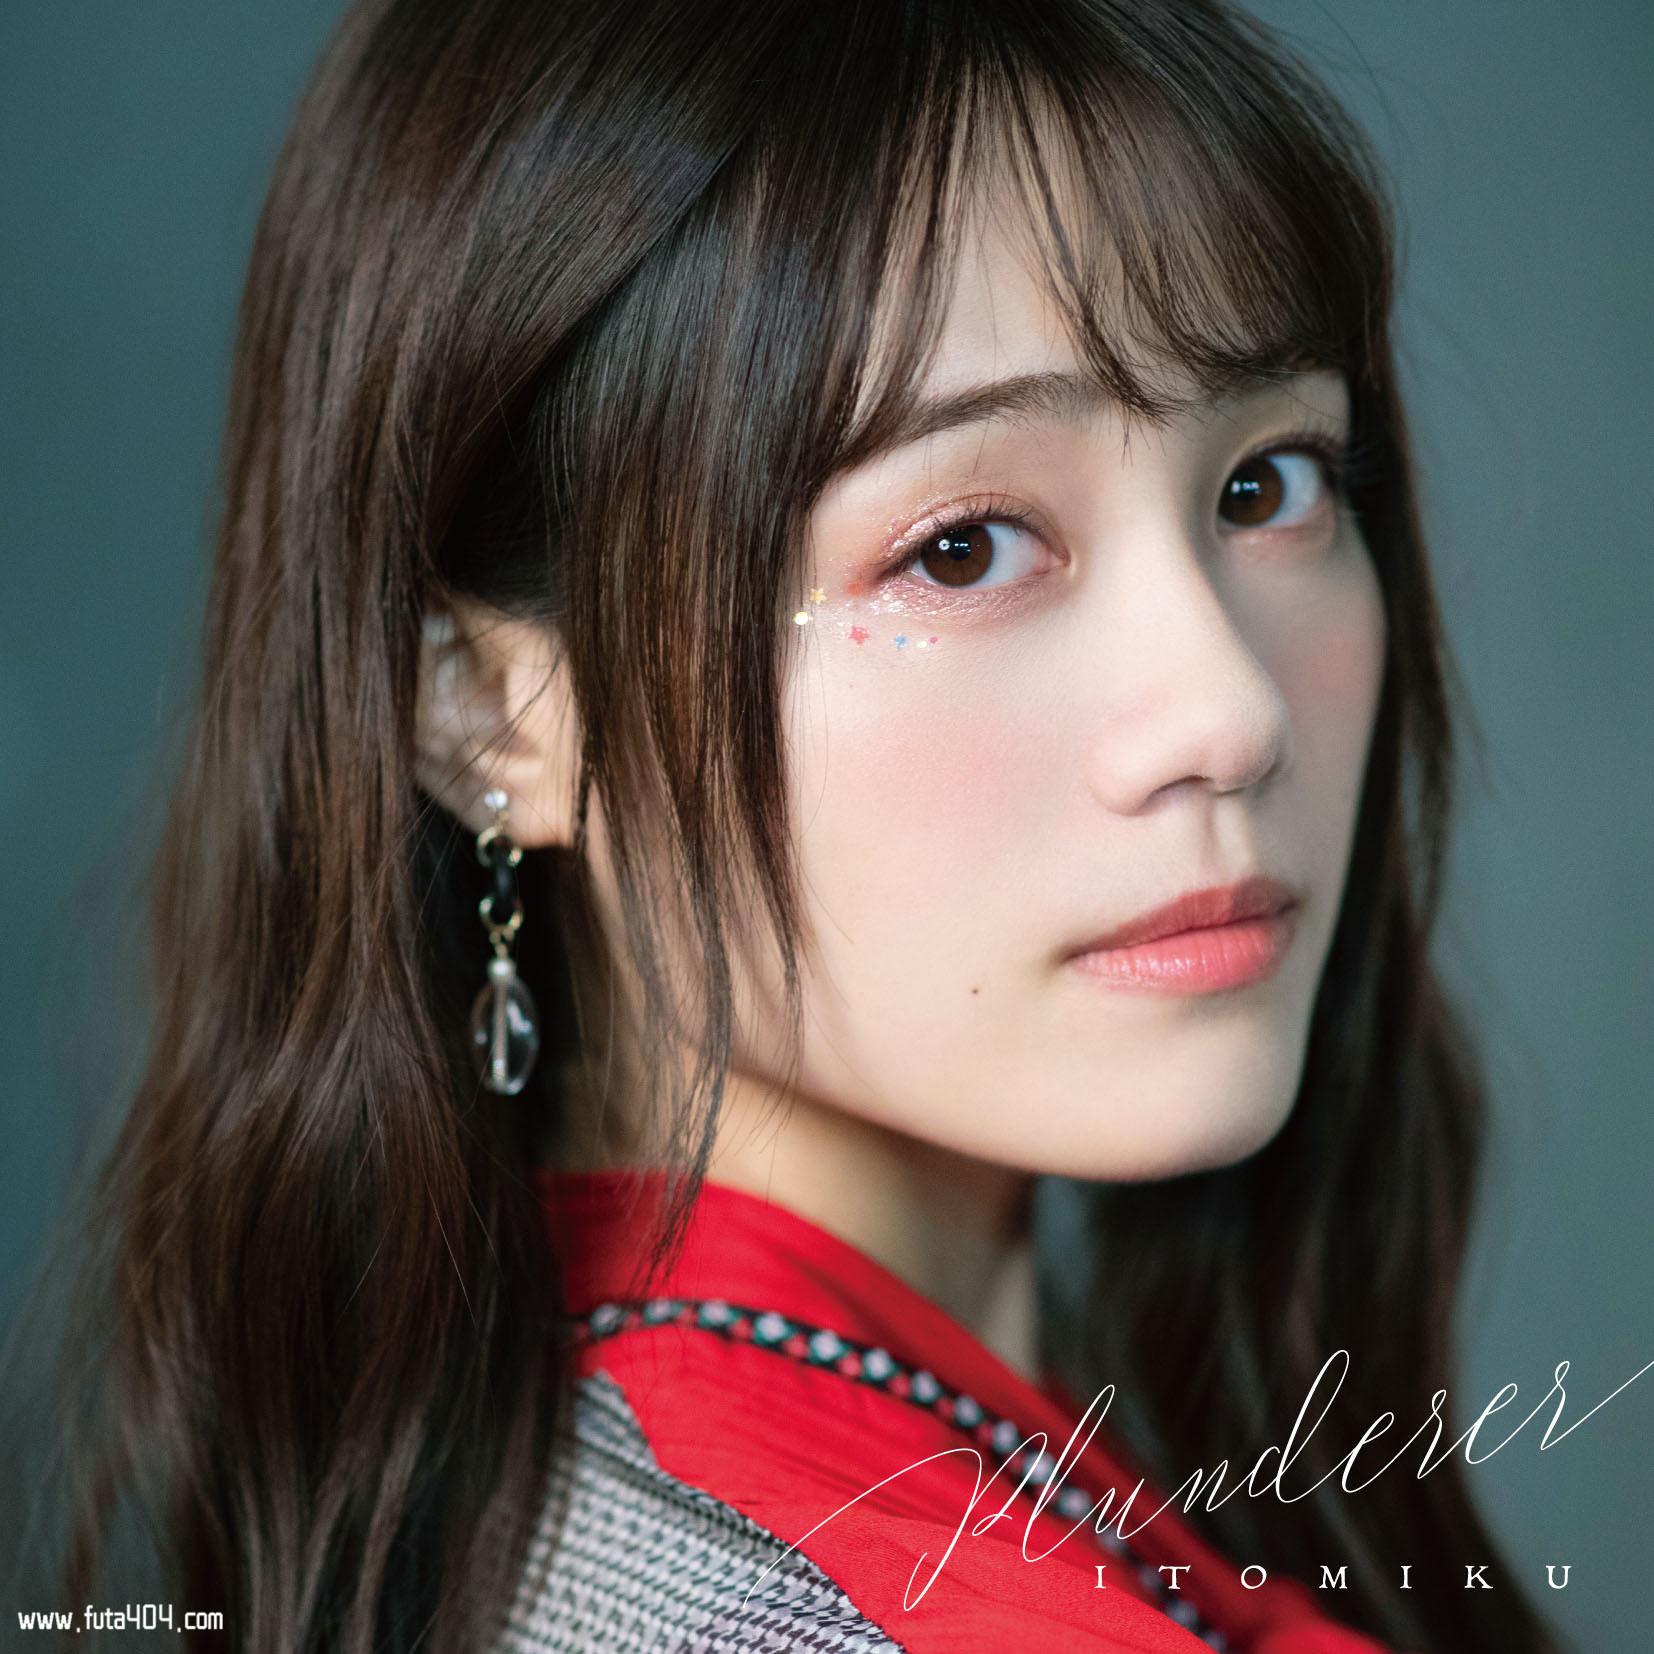 星掠者OP片头曲「Plunderer」下载 伊藤美来 动漫音乐 第1张